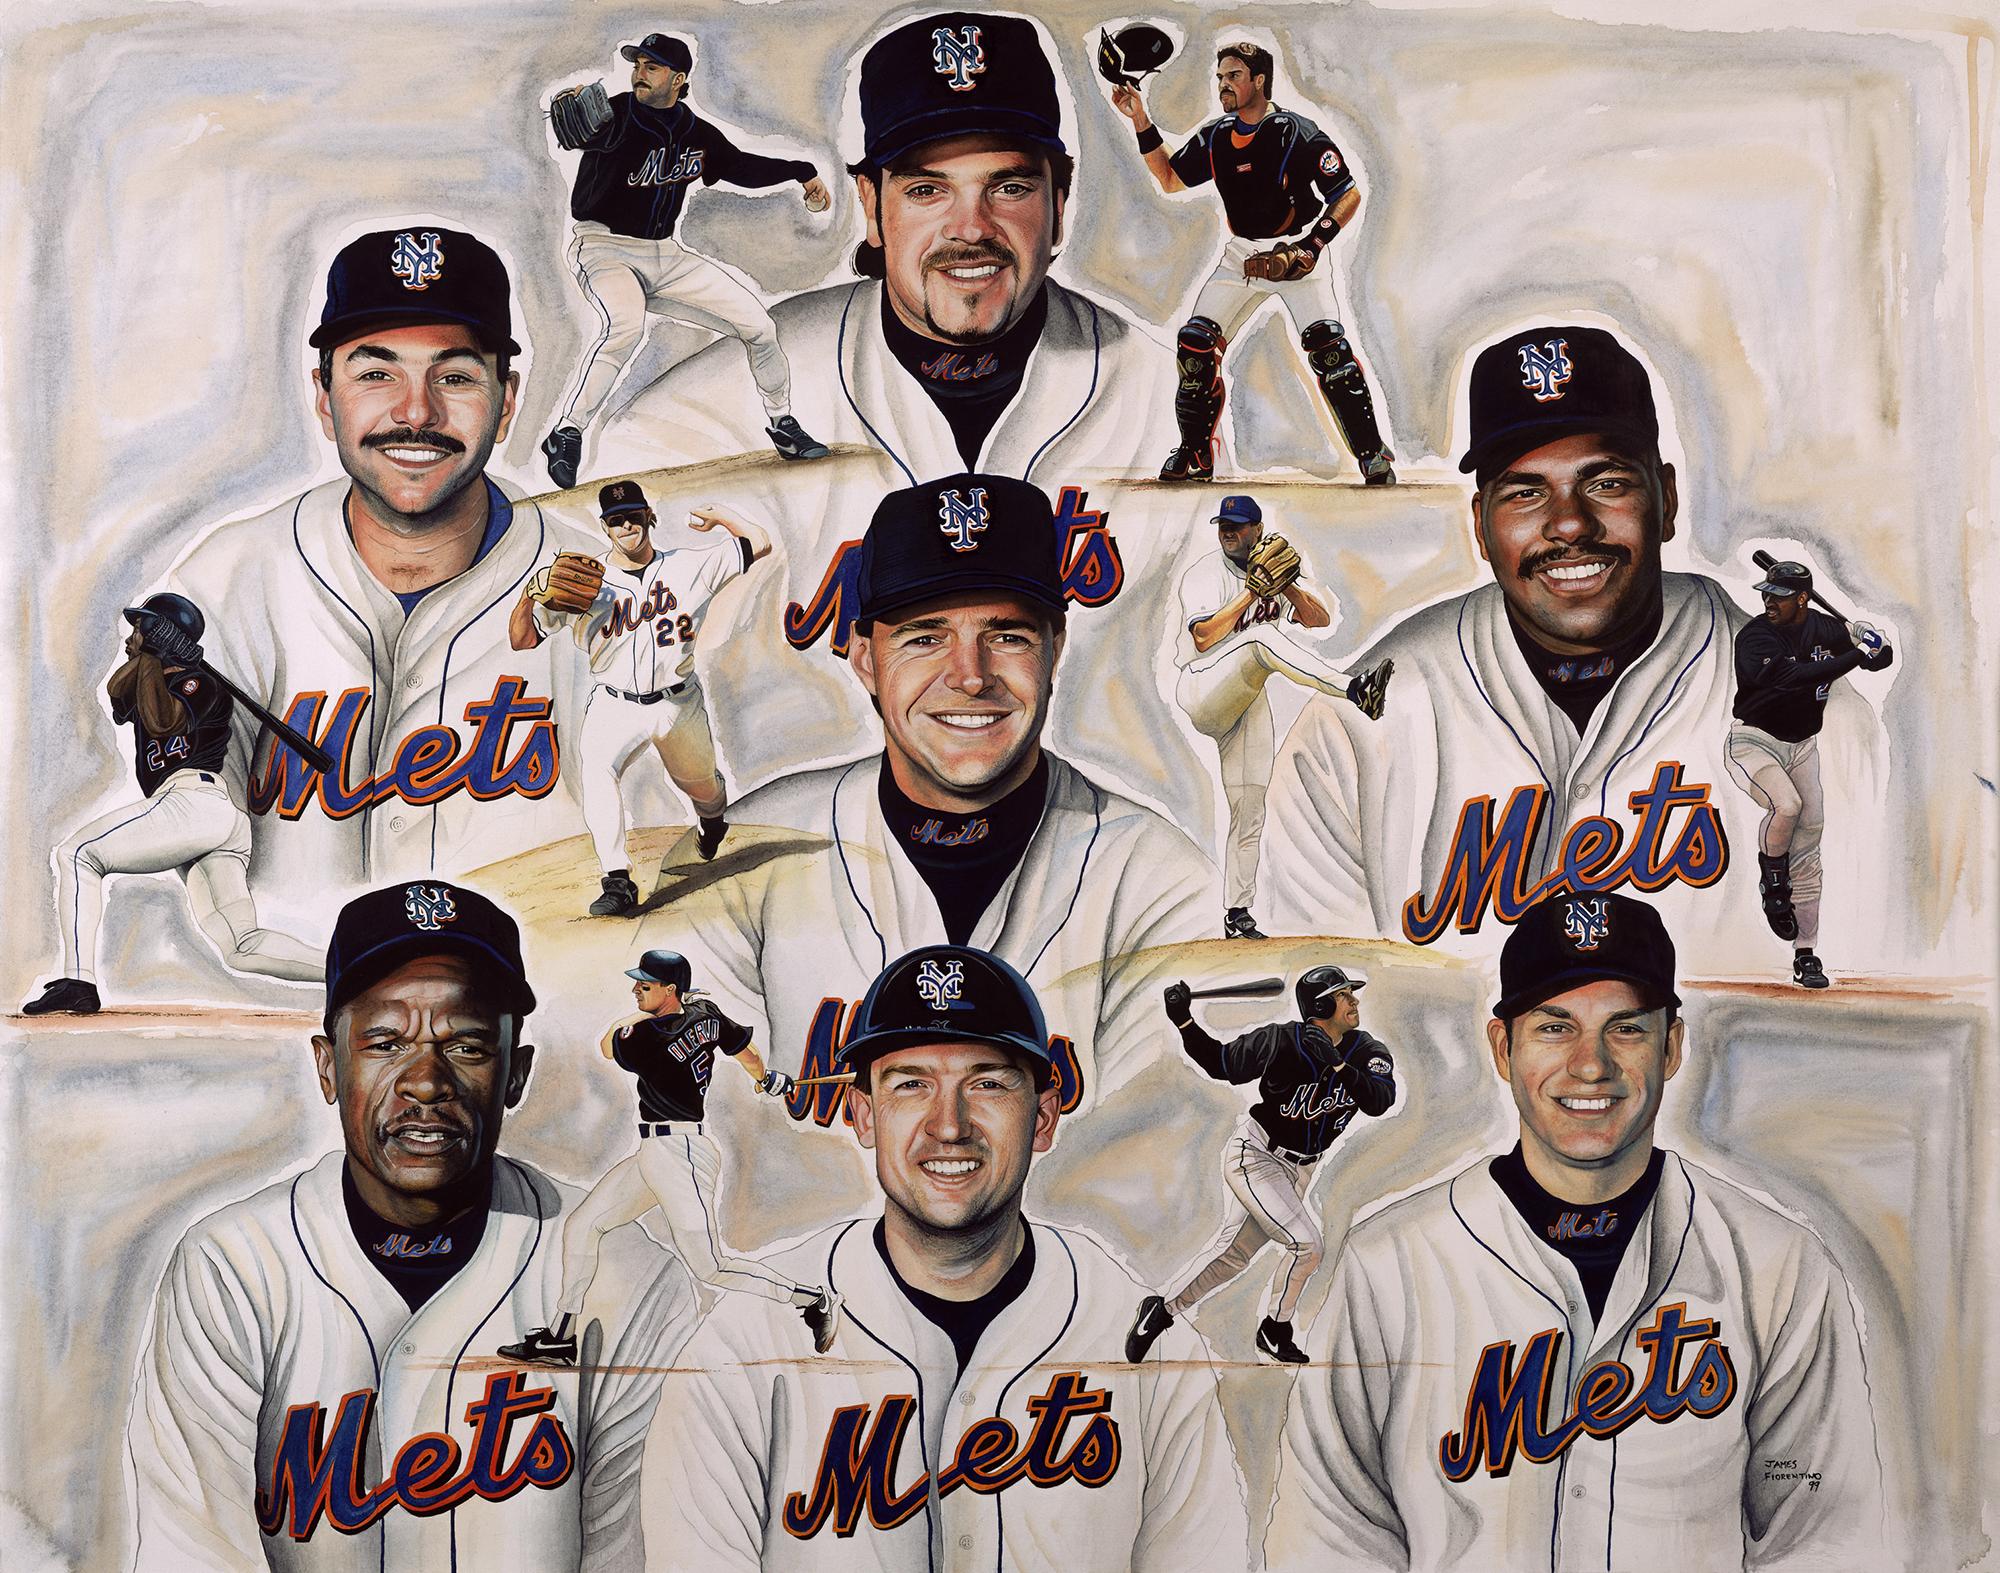 1999 New York Mets